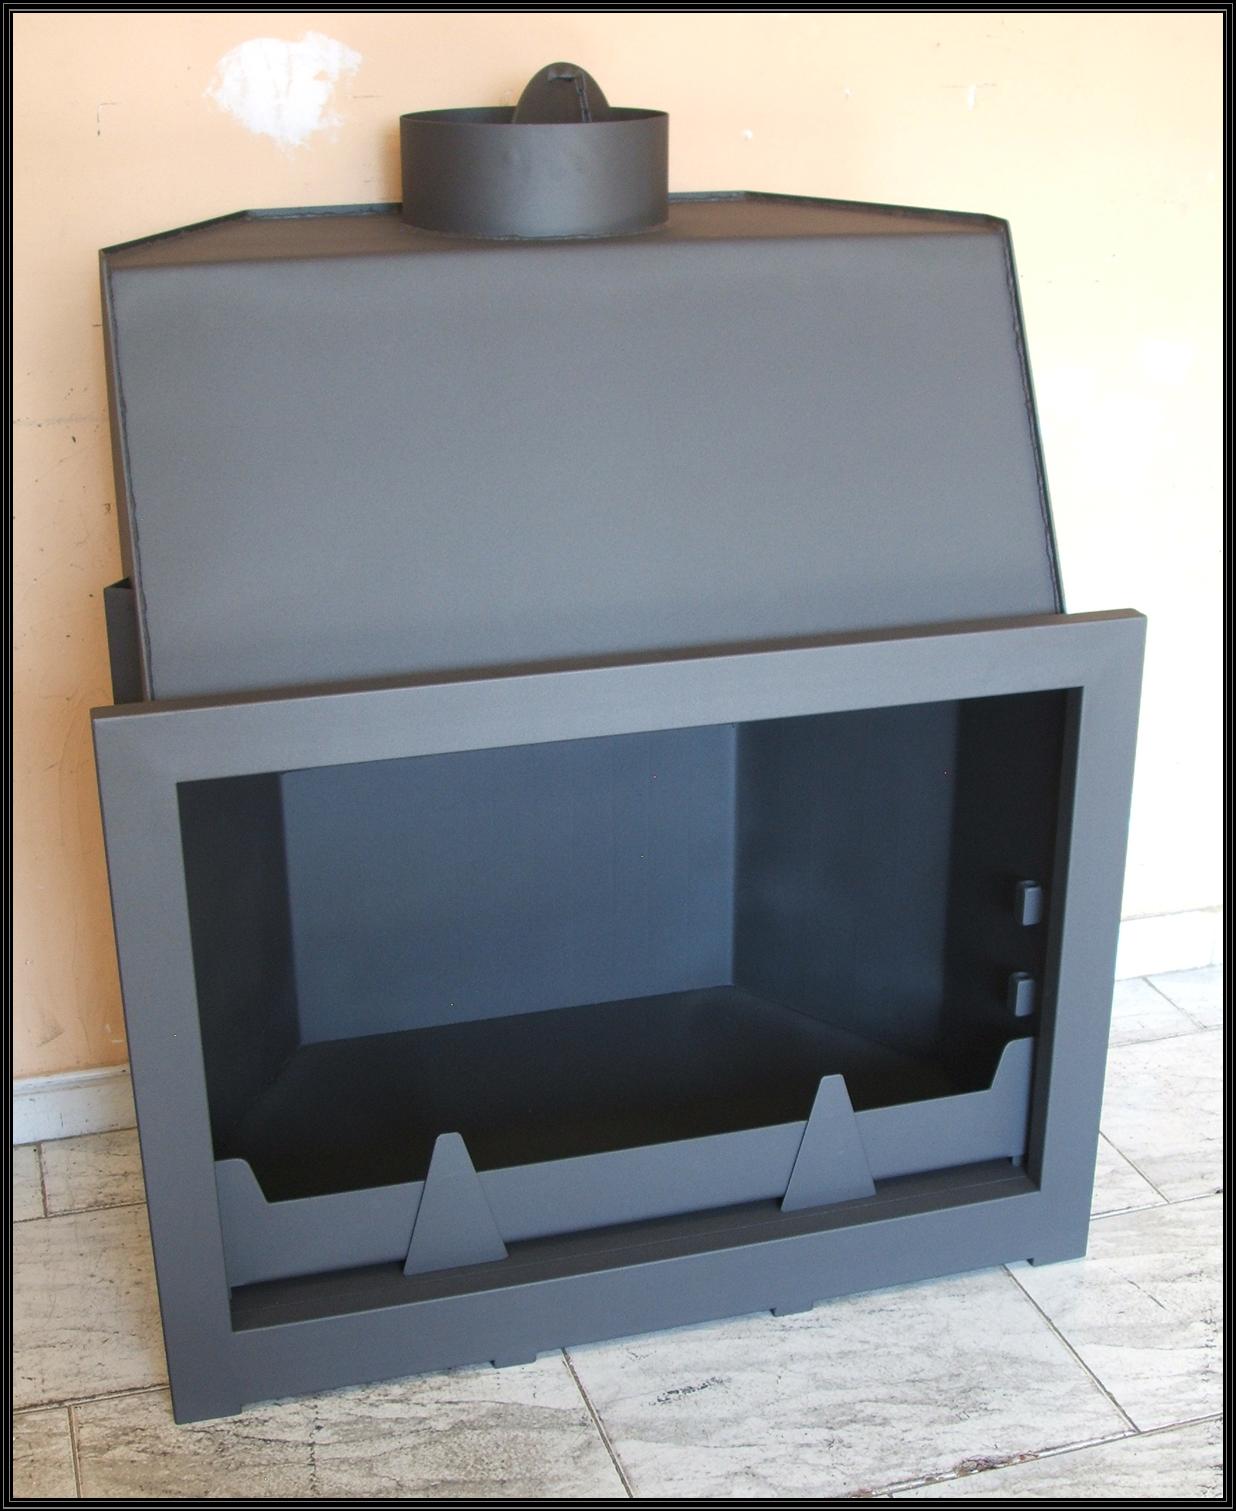 Ver ejemplo de chimenea modelo B con puerta de 1 y 2 Hojas